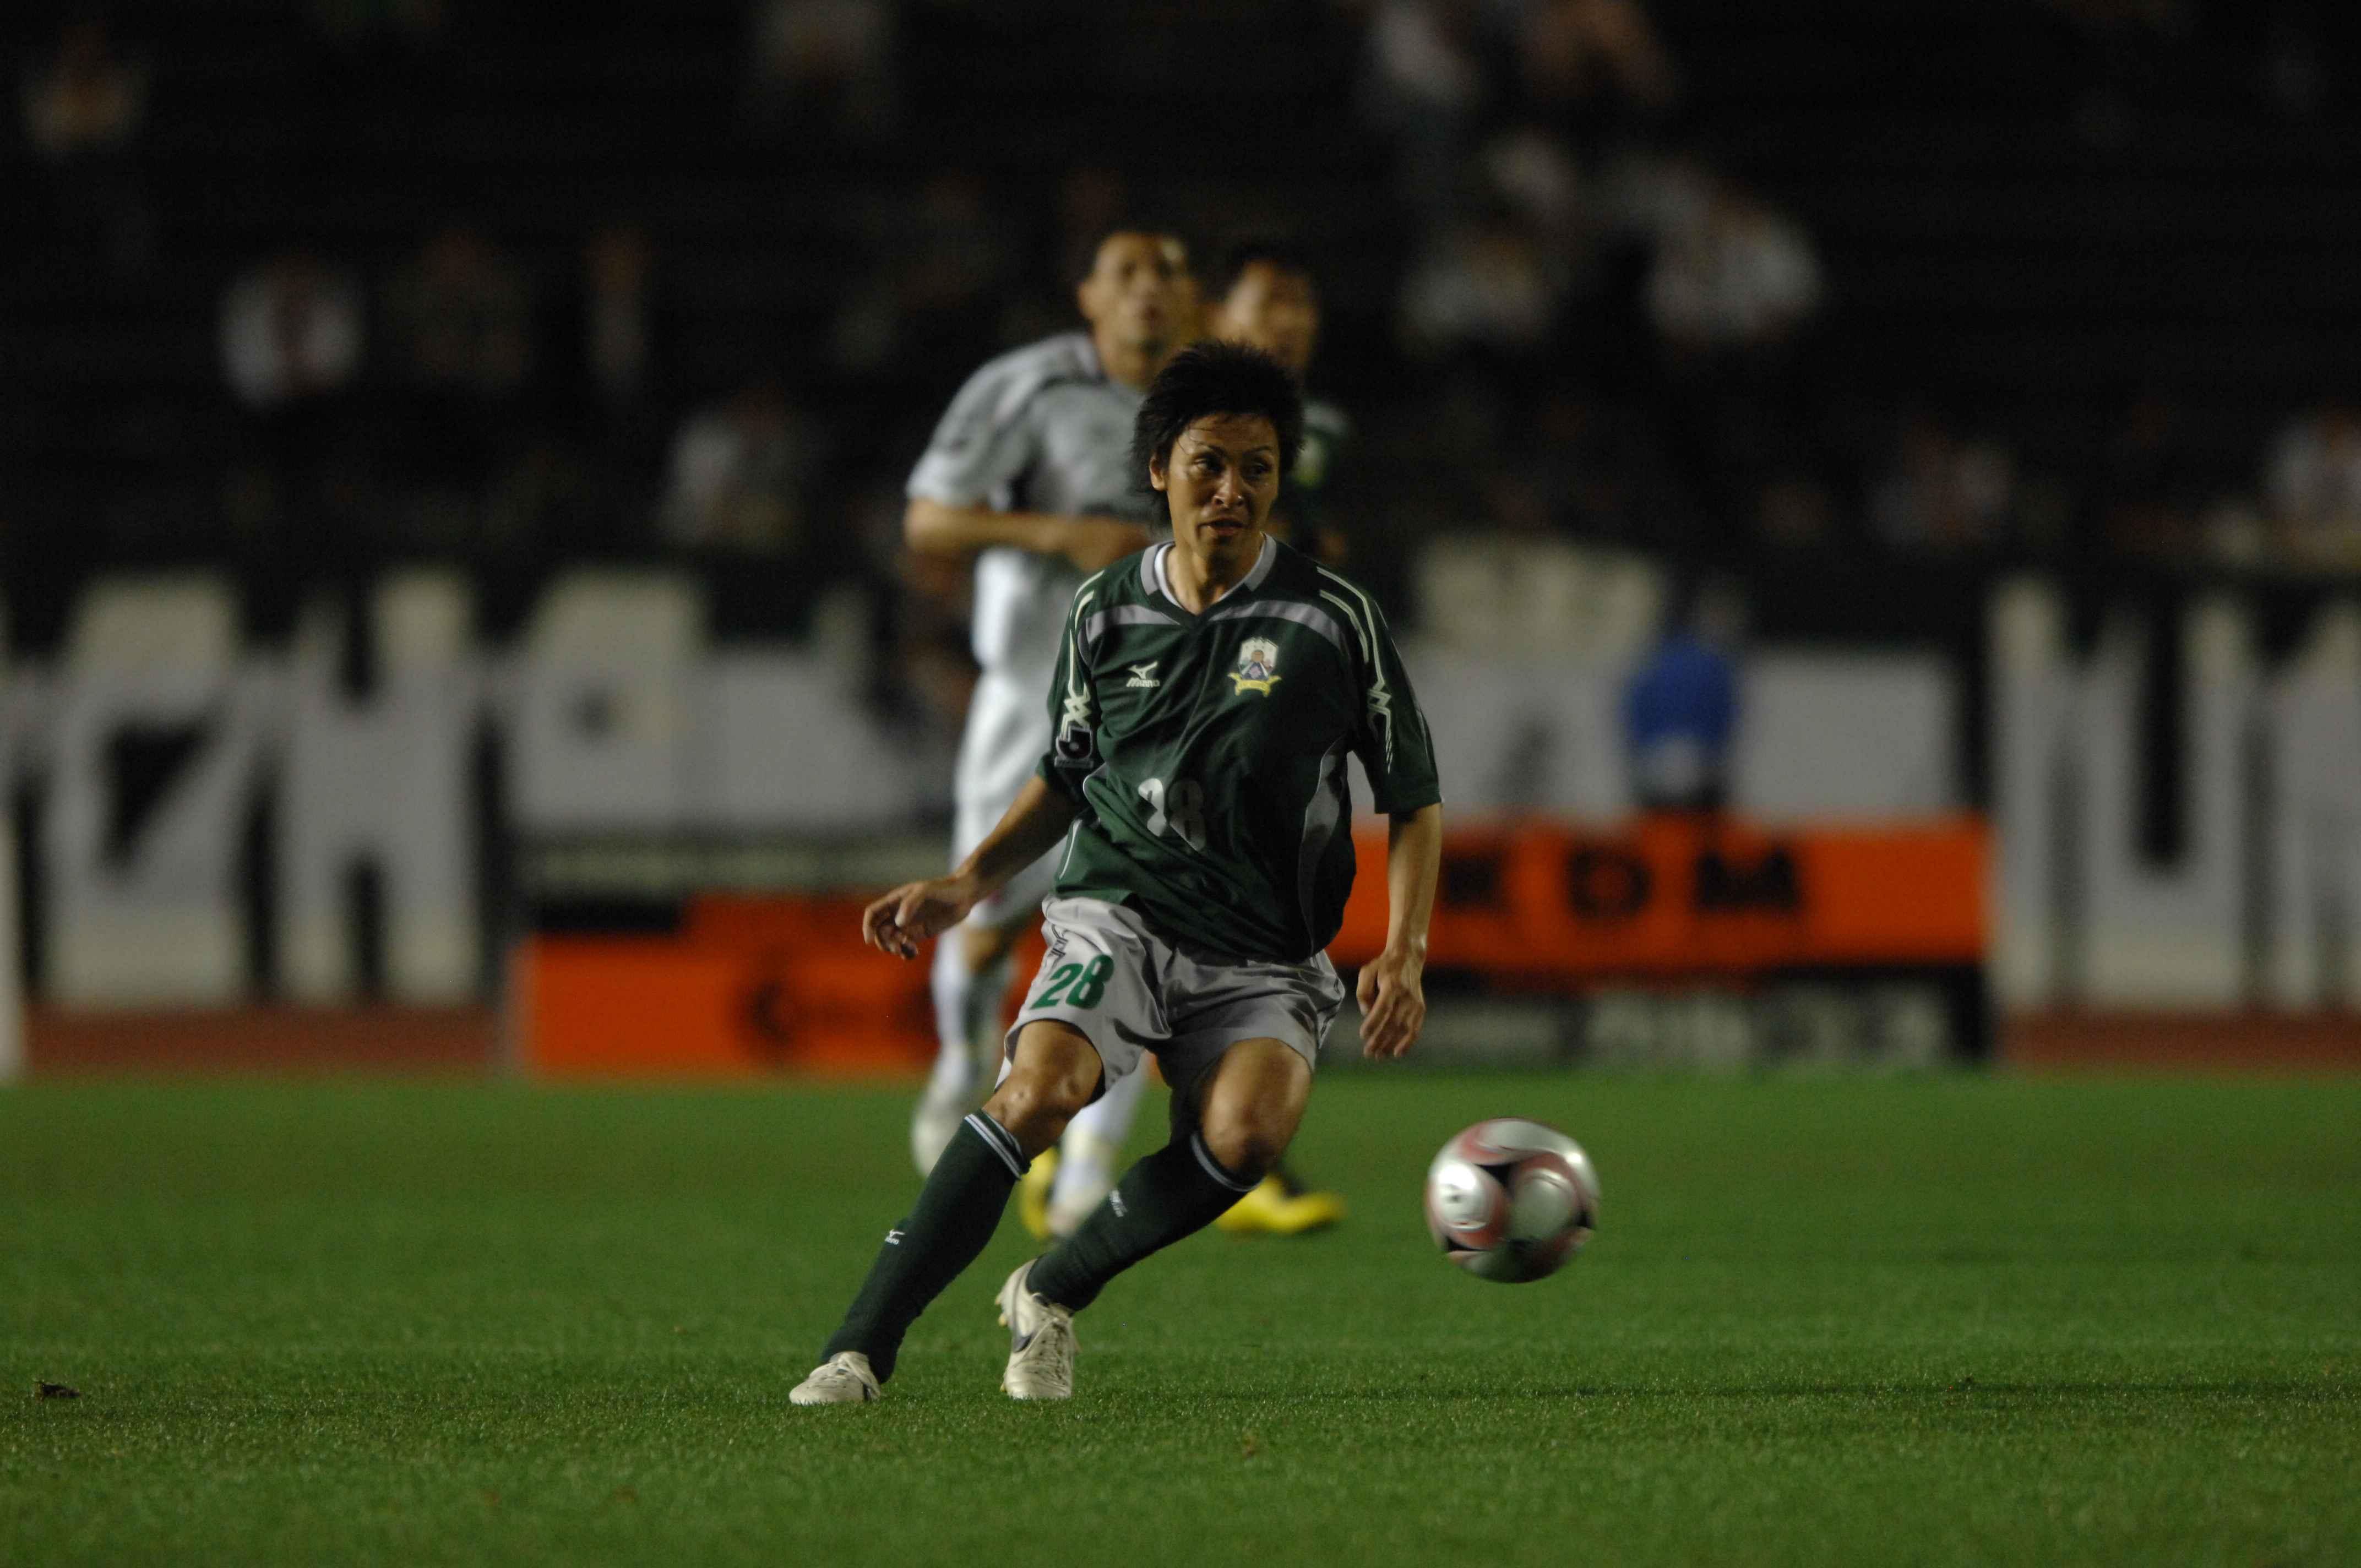 FC岐阜_C大阪_D3_0175.jpg